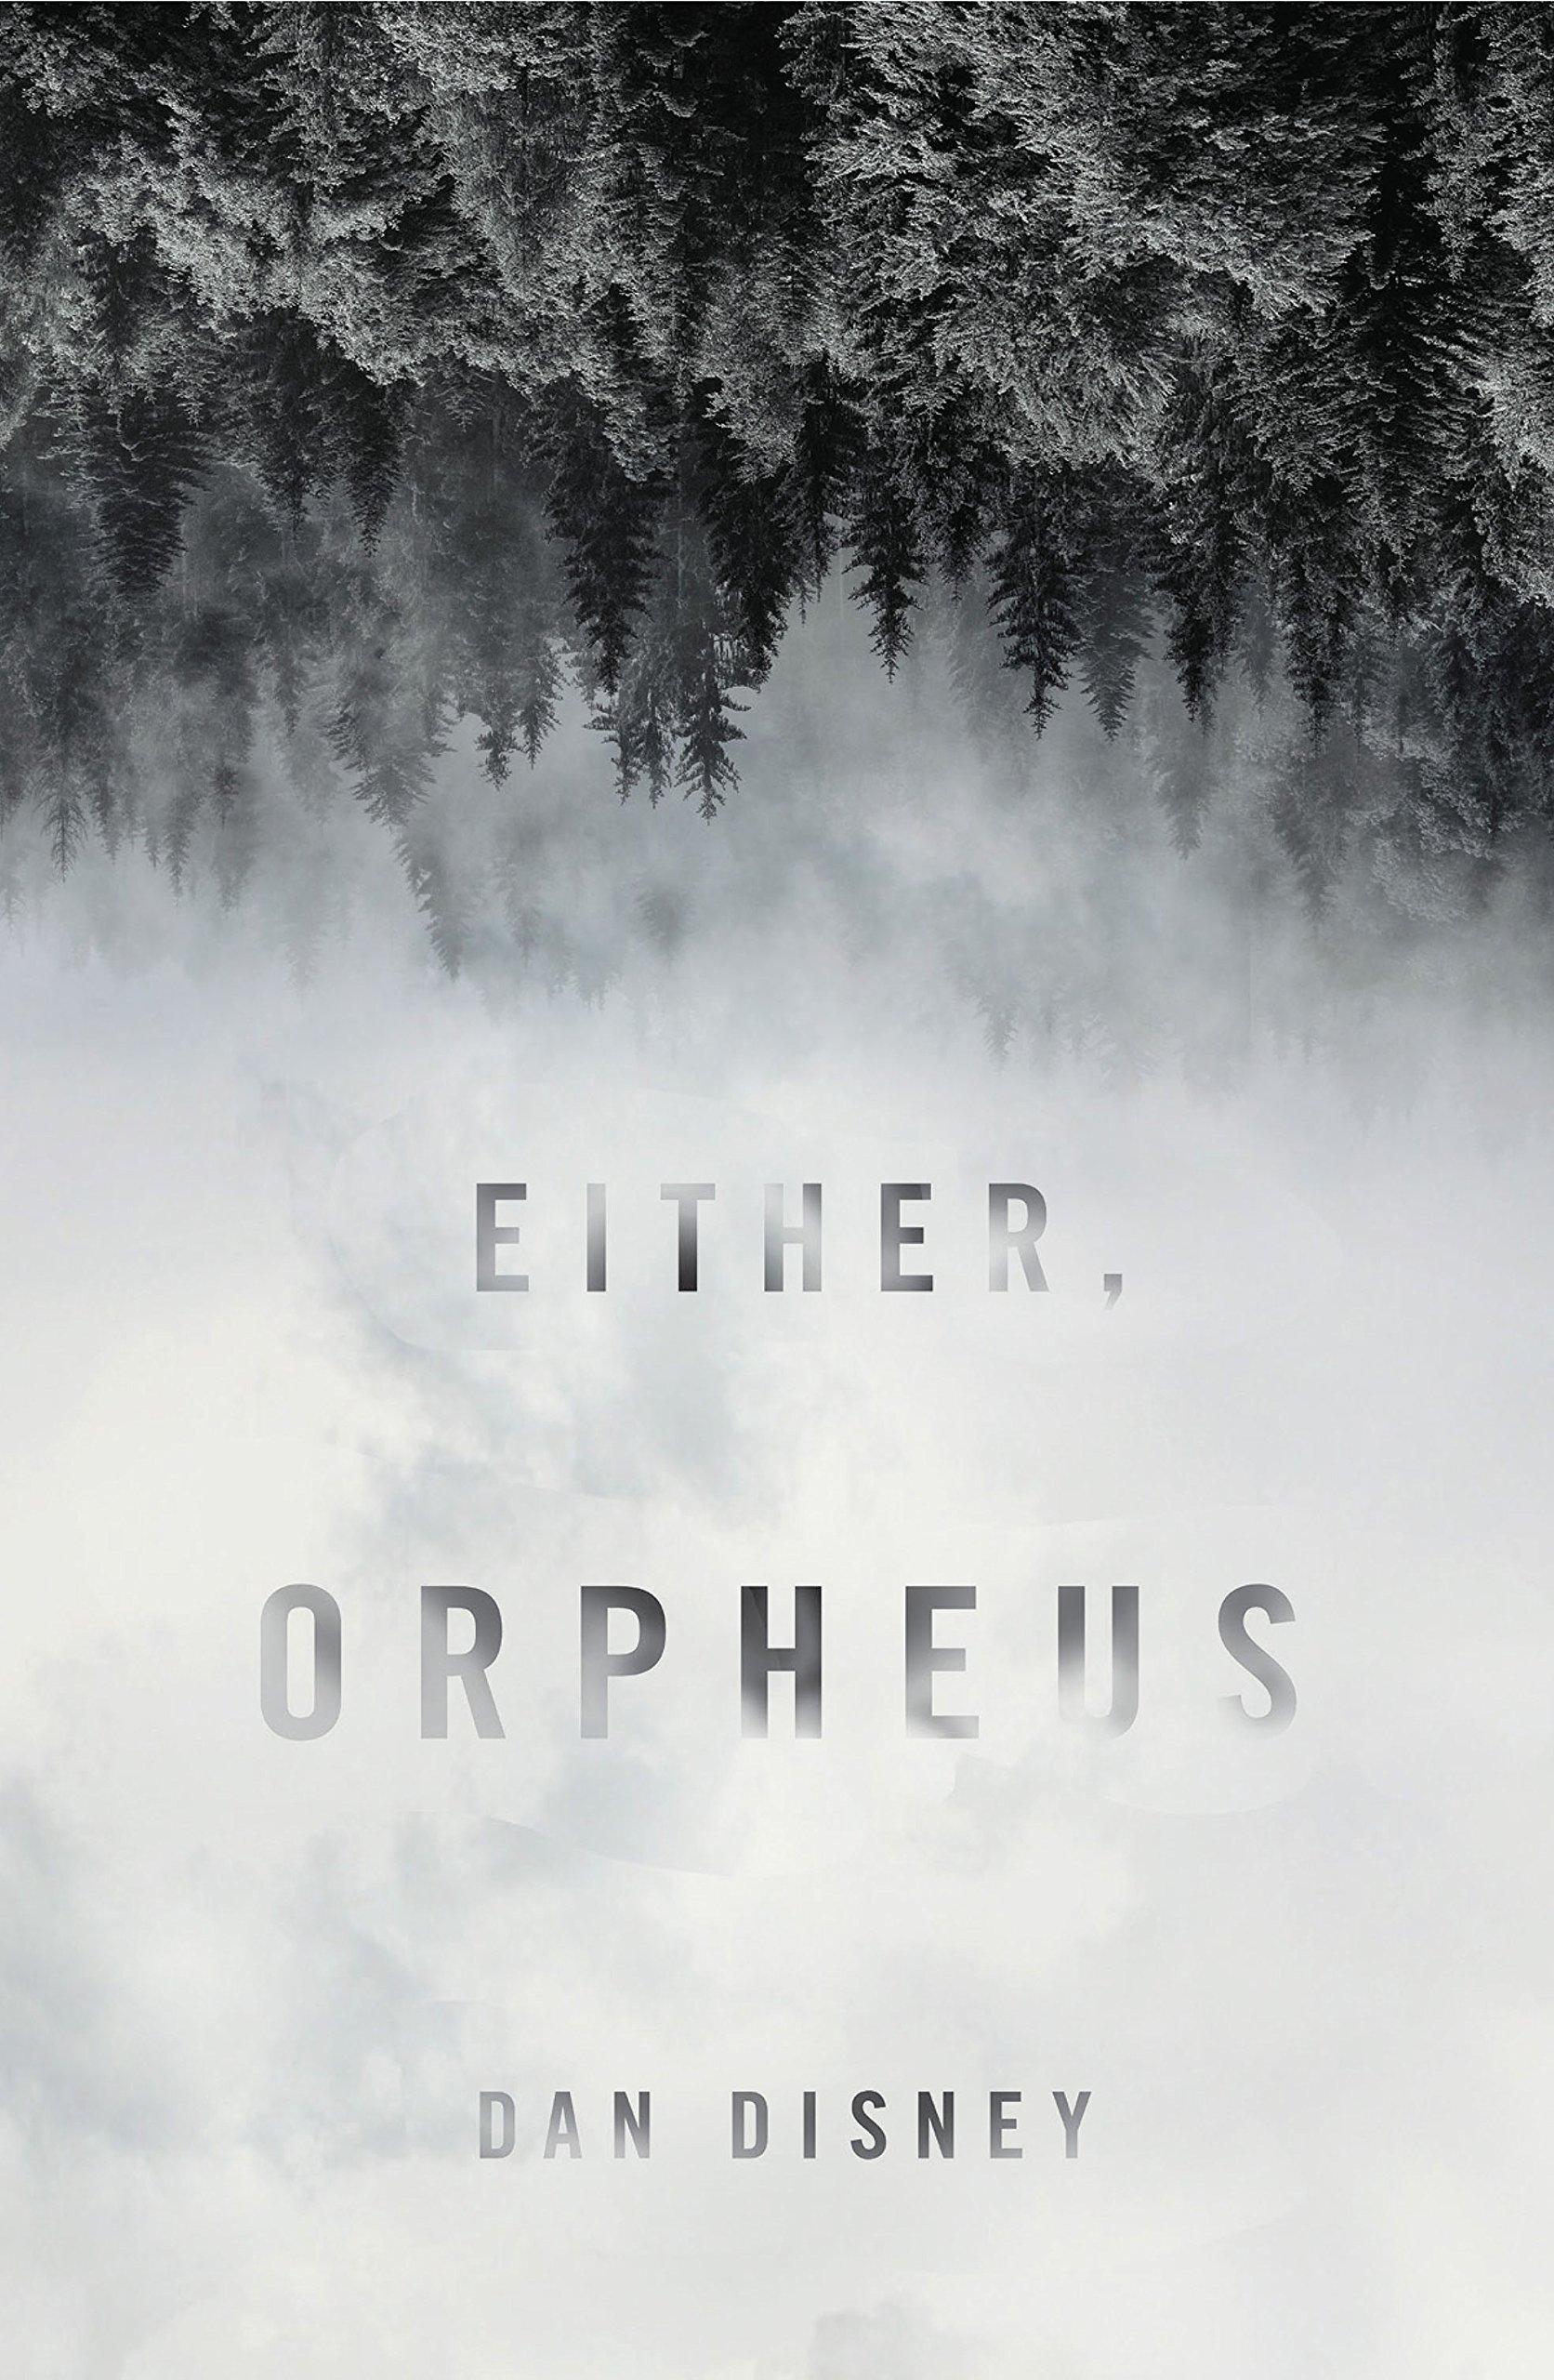 either, Orpheus